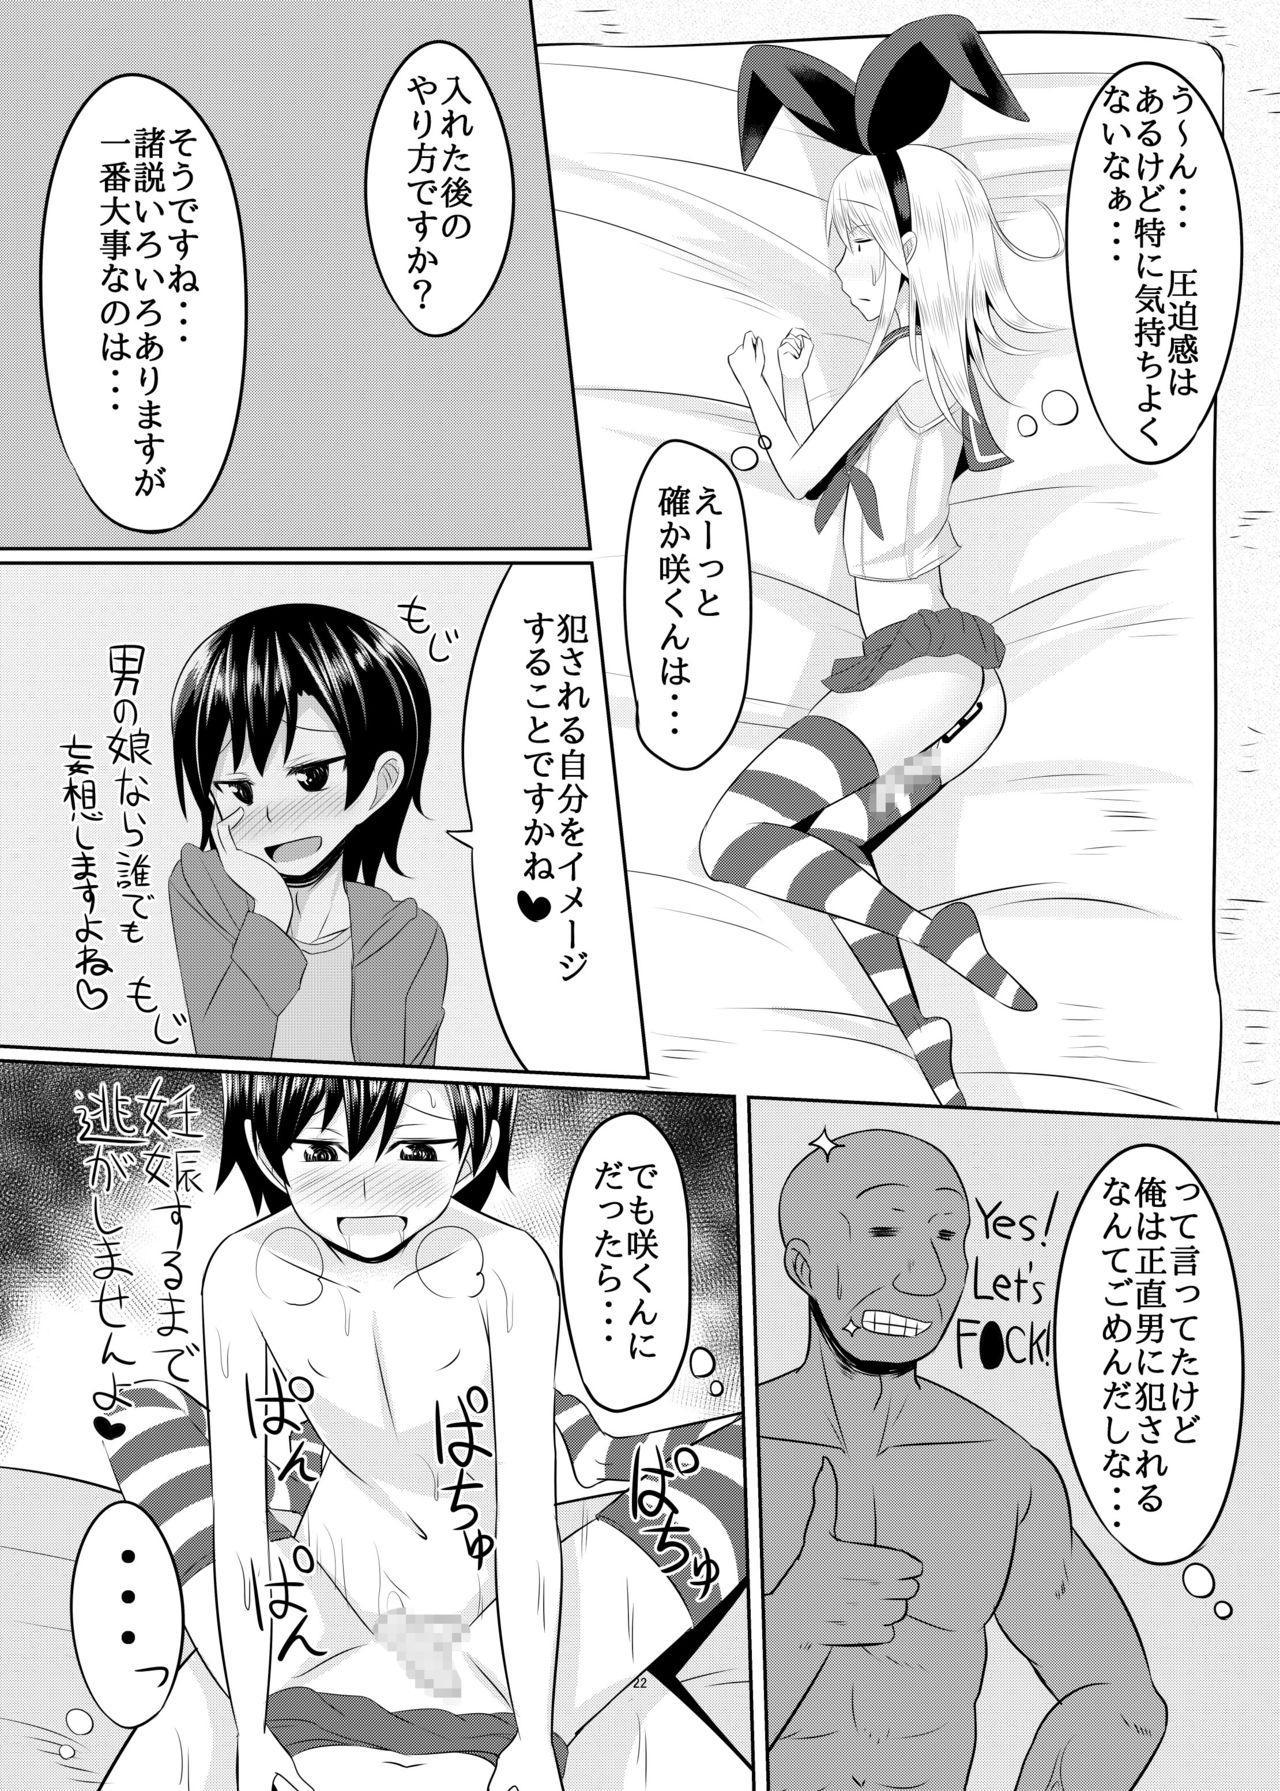 Seiyoku no Sugoi Otokonoko to Tsukiau Koto ni Natta Kekka w 20